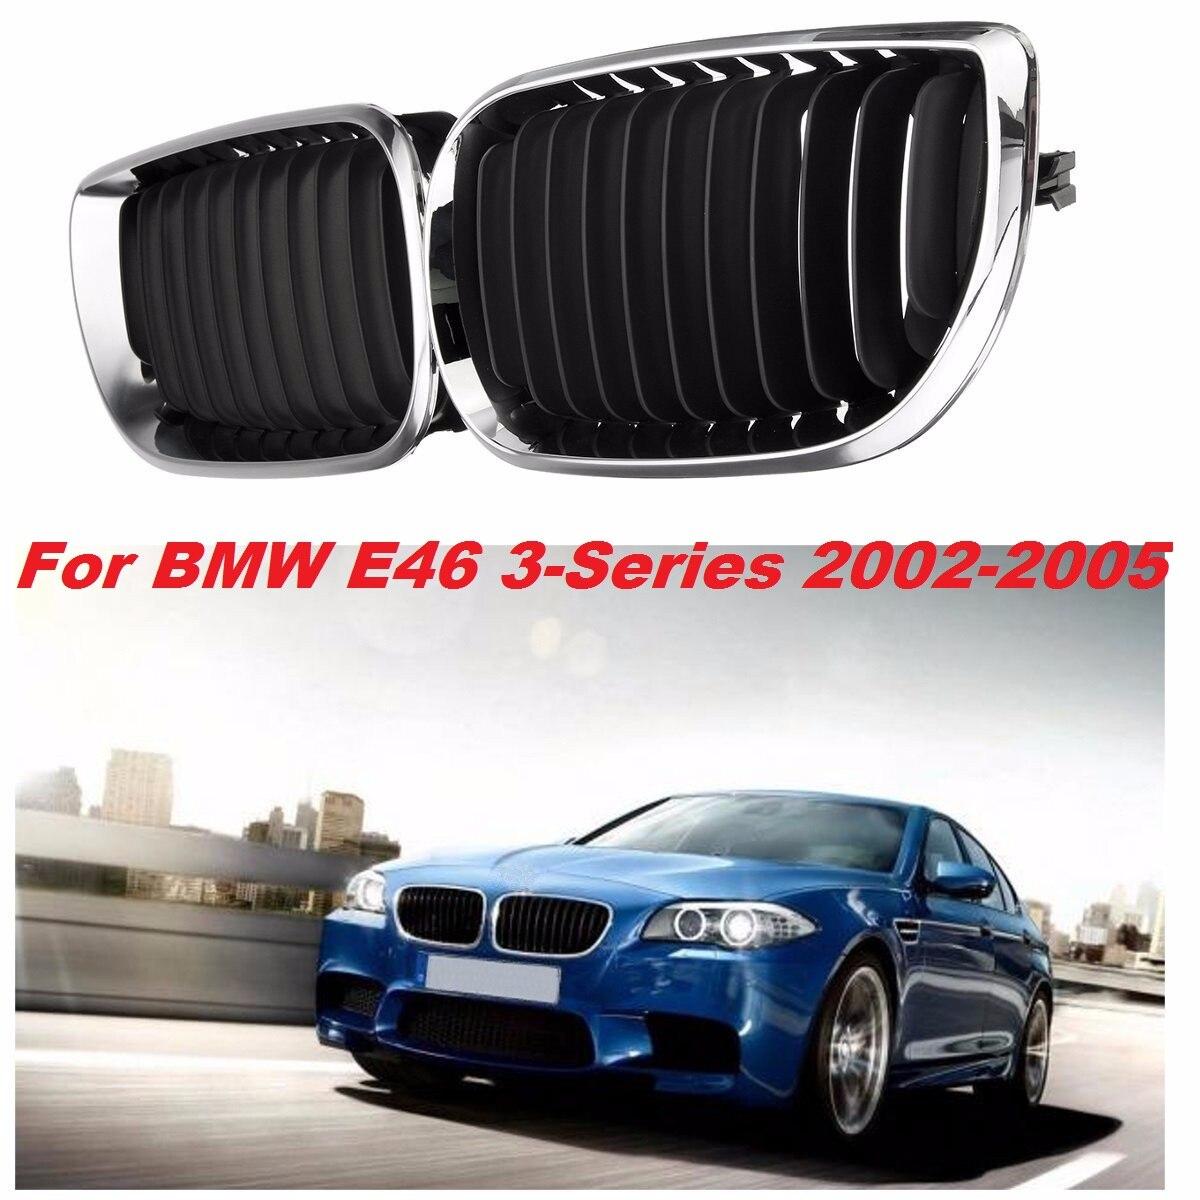 Paire L + R Chrome calandre calandre pour BMW E46 série 3 4 portes berline break 2001 2002 2003 2004 2005 51137030546